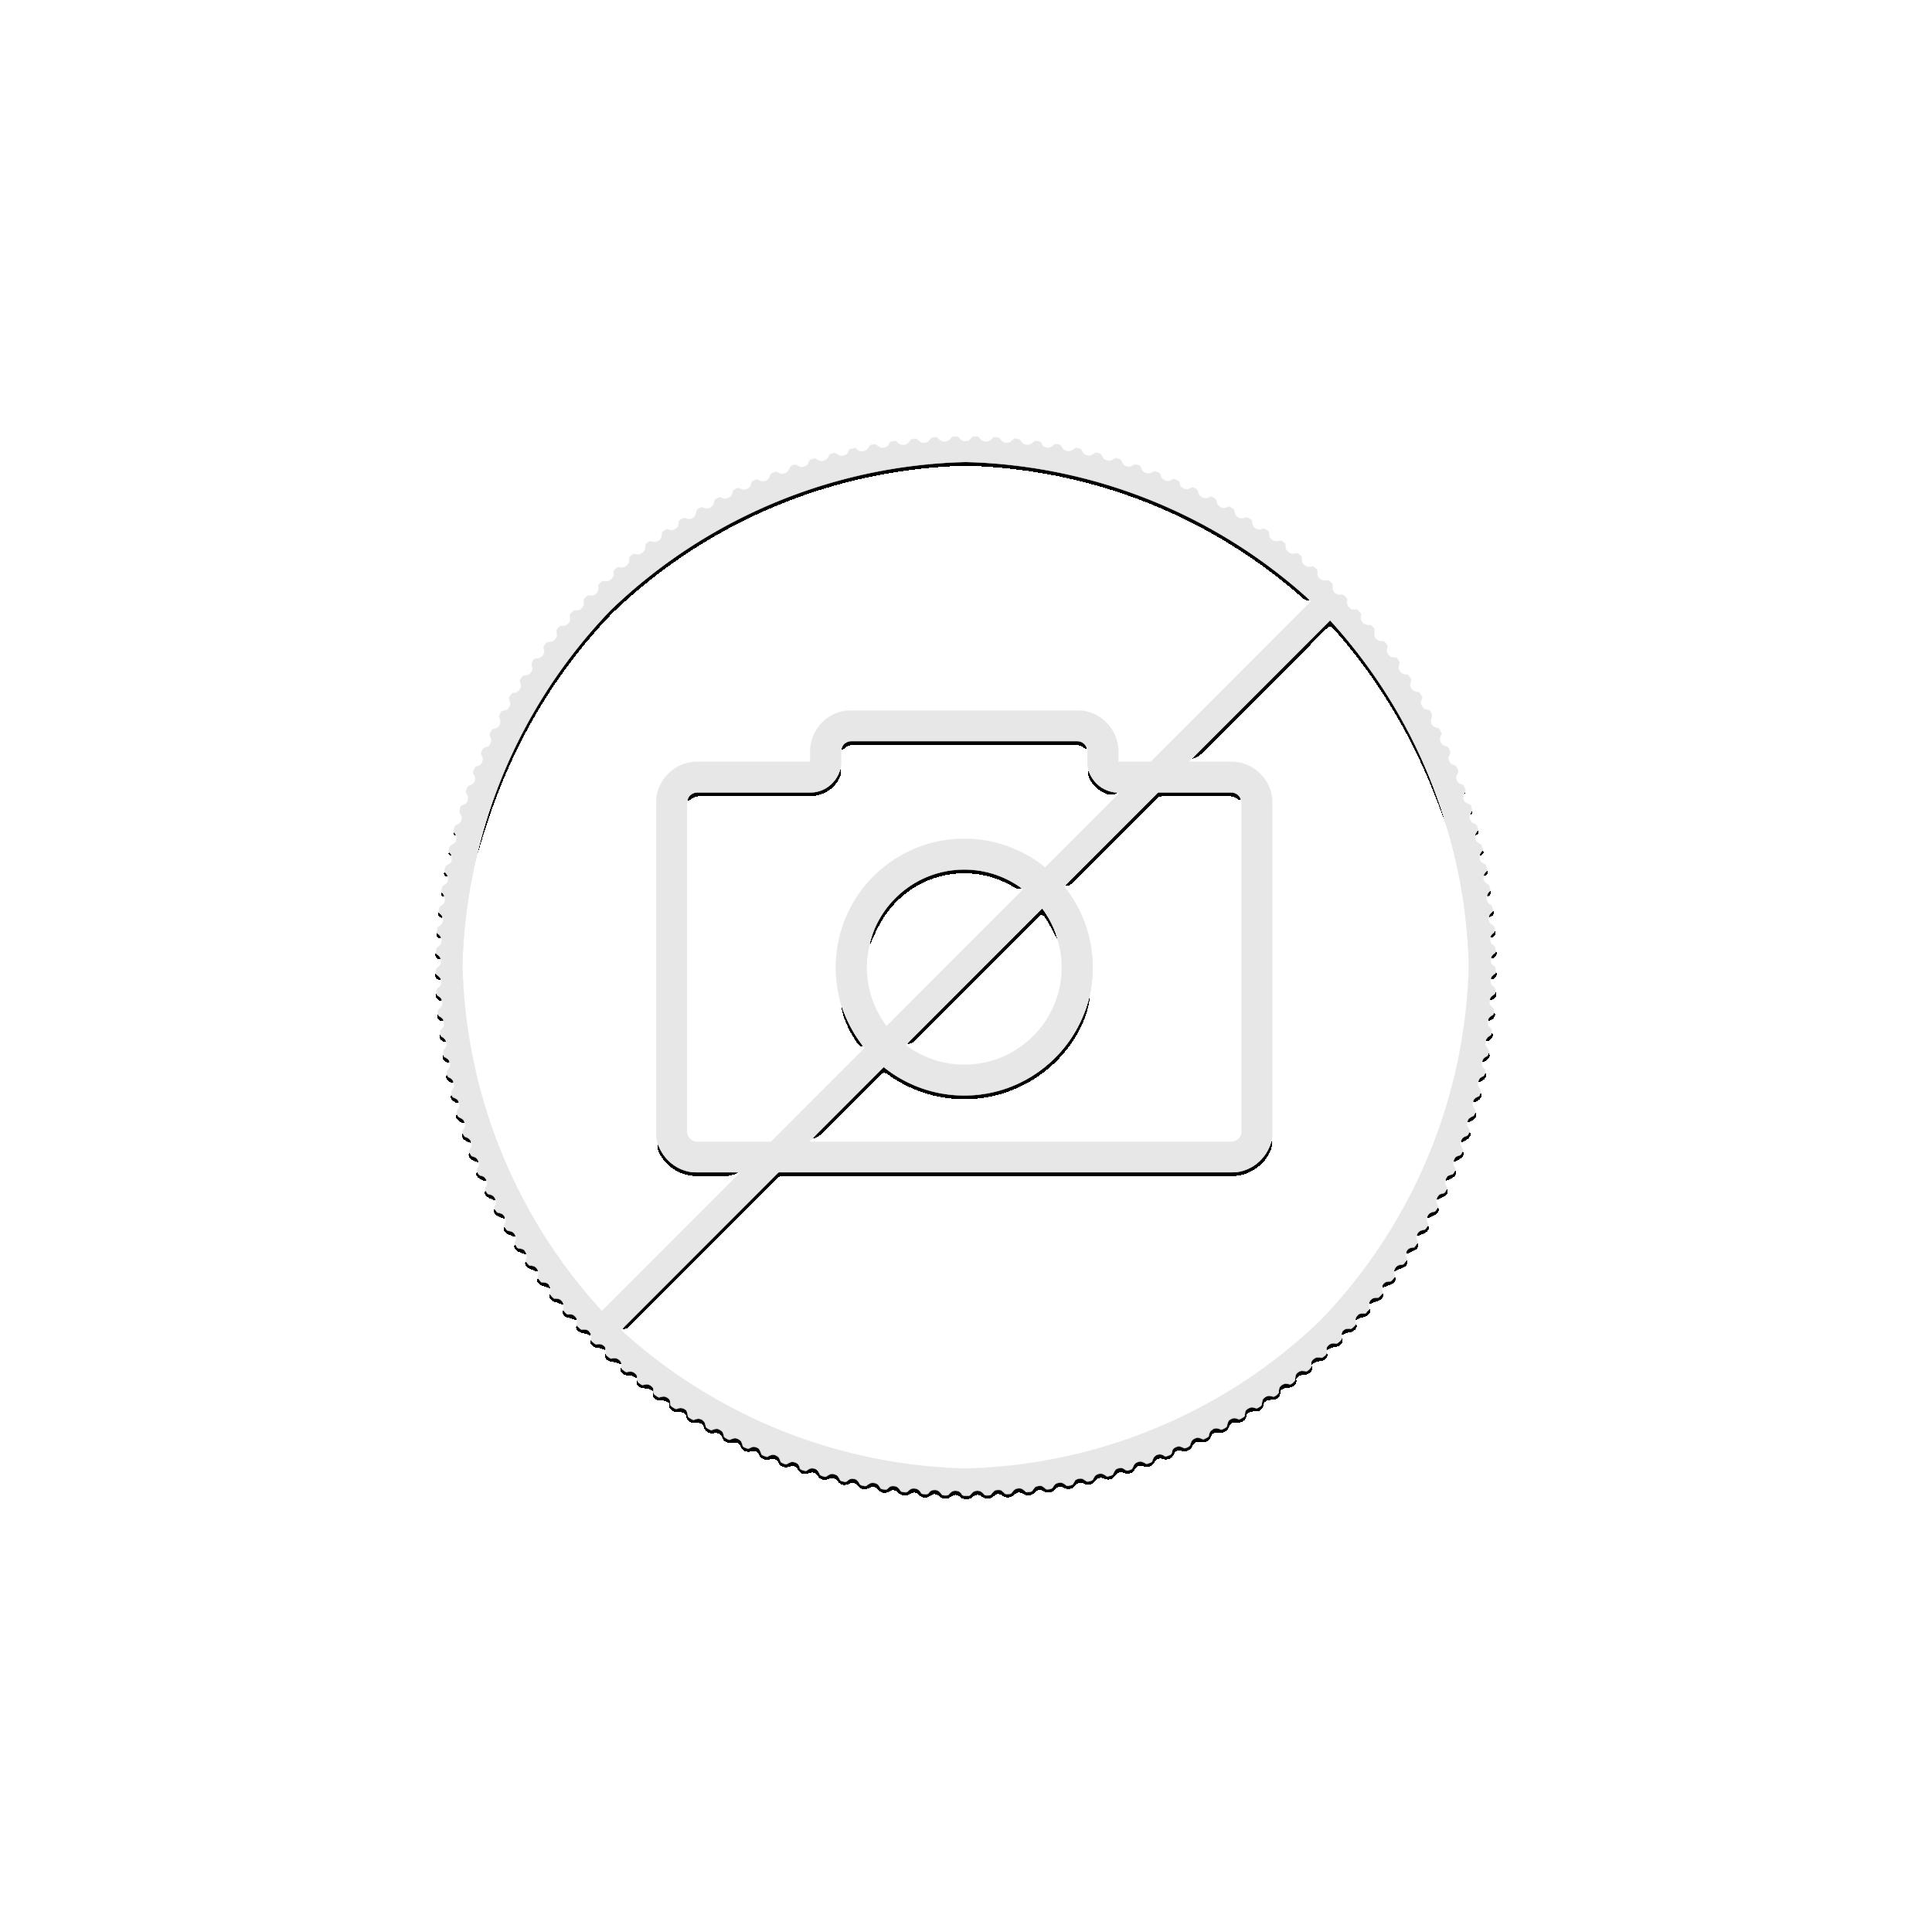 1 Troy ounce silver coin Kookaburra 2015